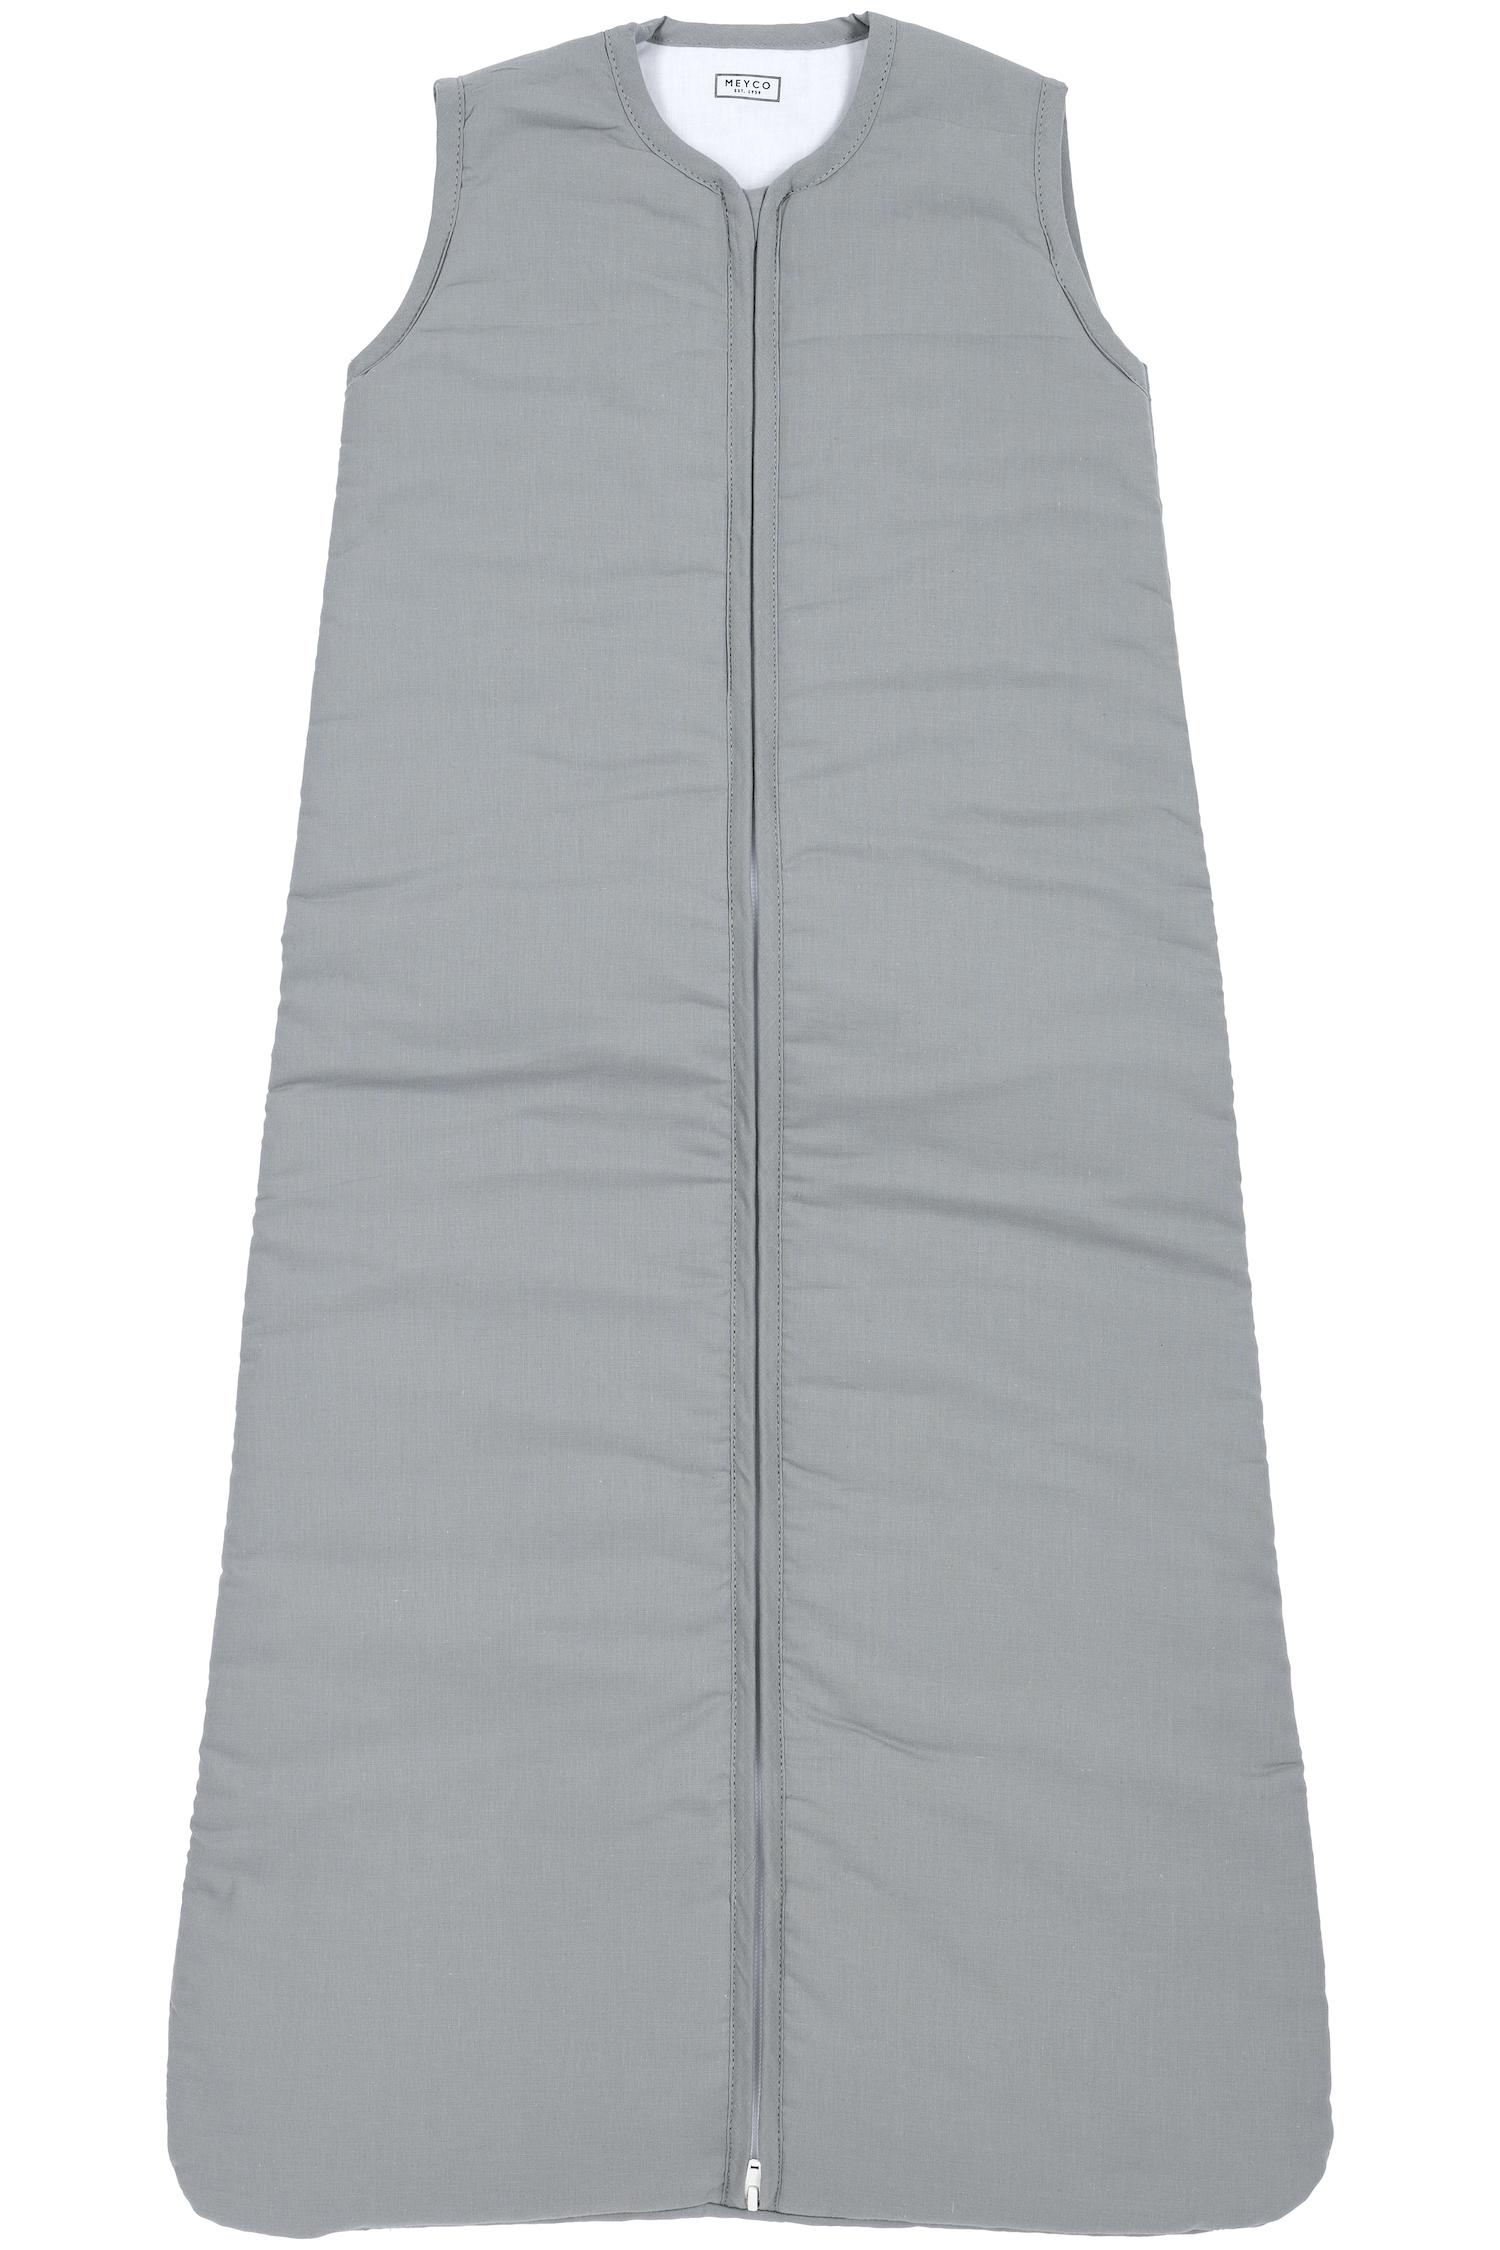 Schlafsack Gefüttert  Uni - Grau- 90cm